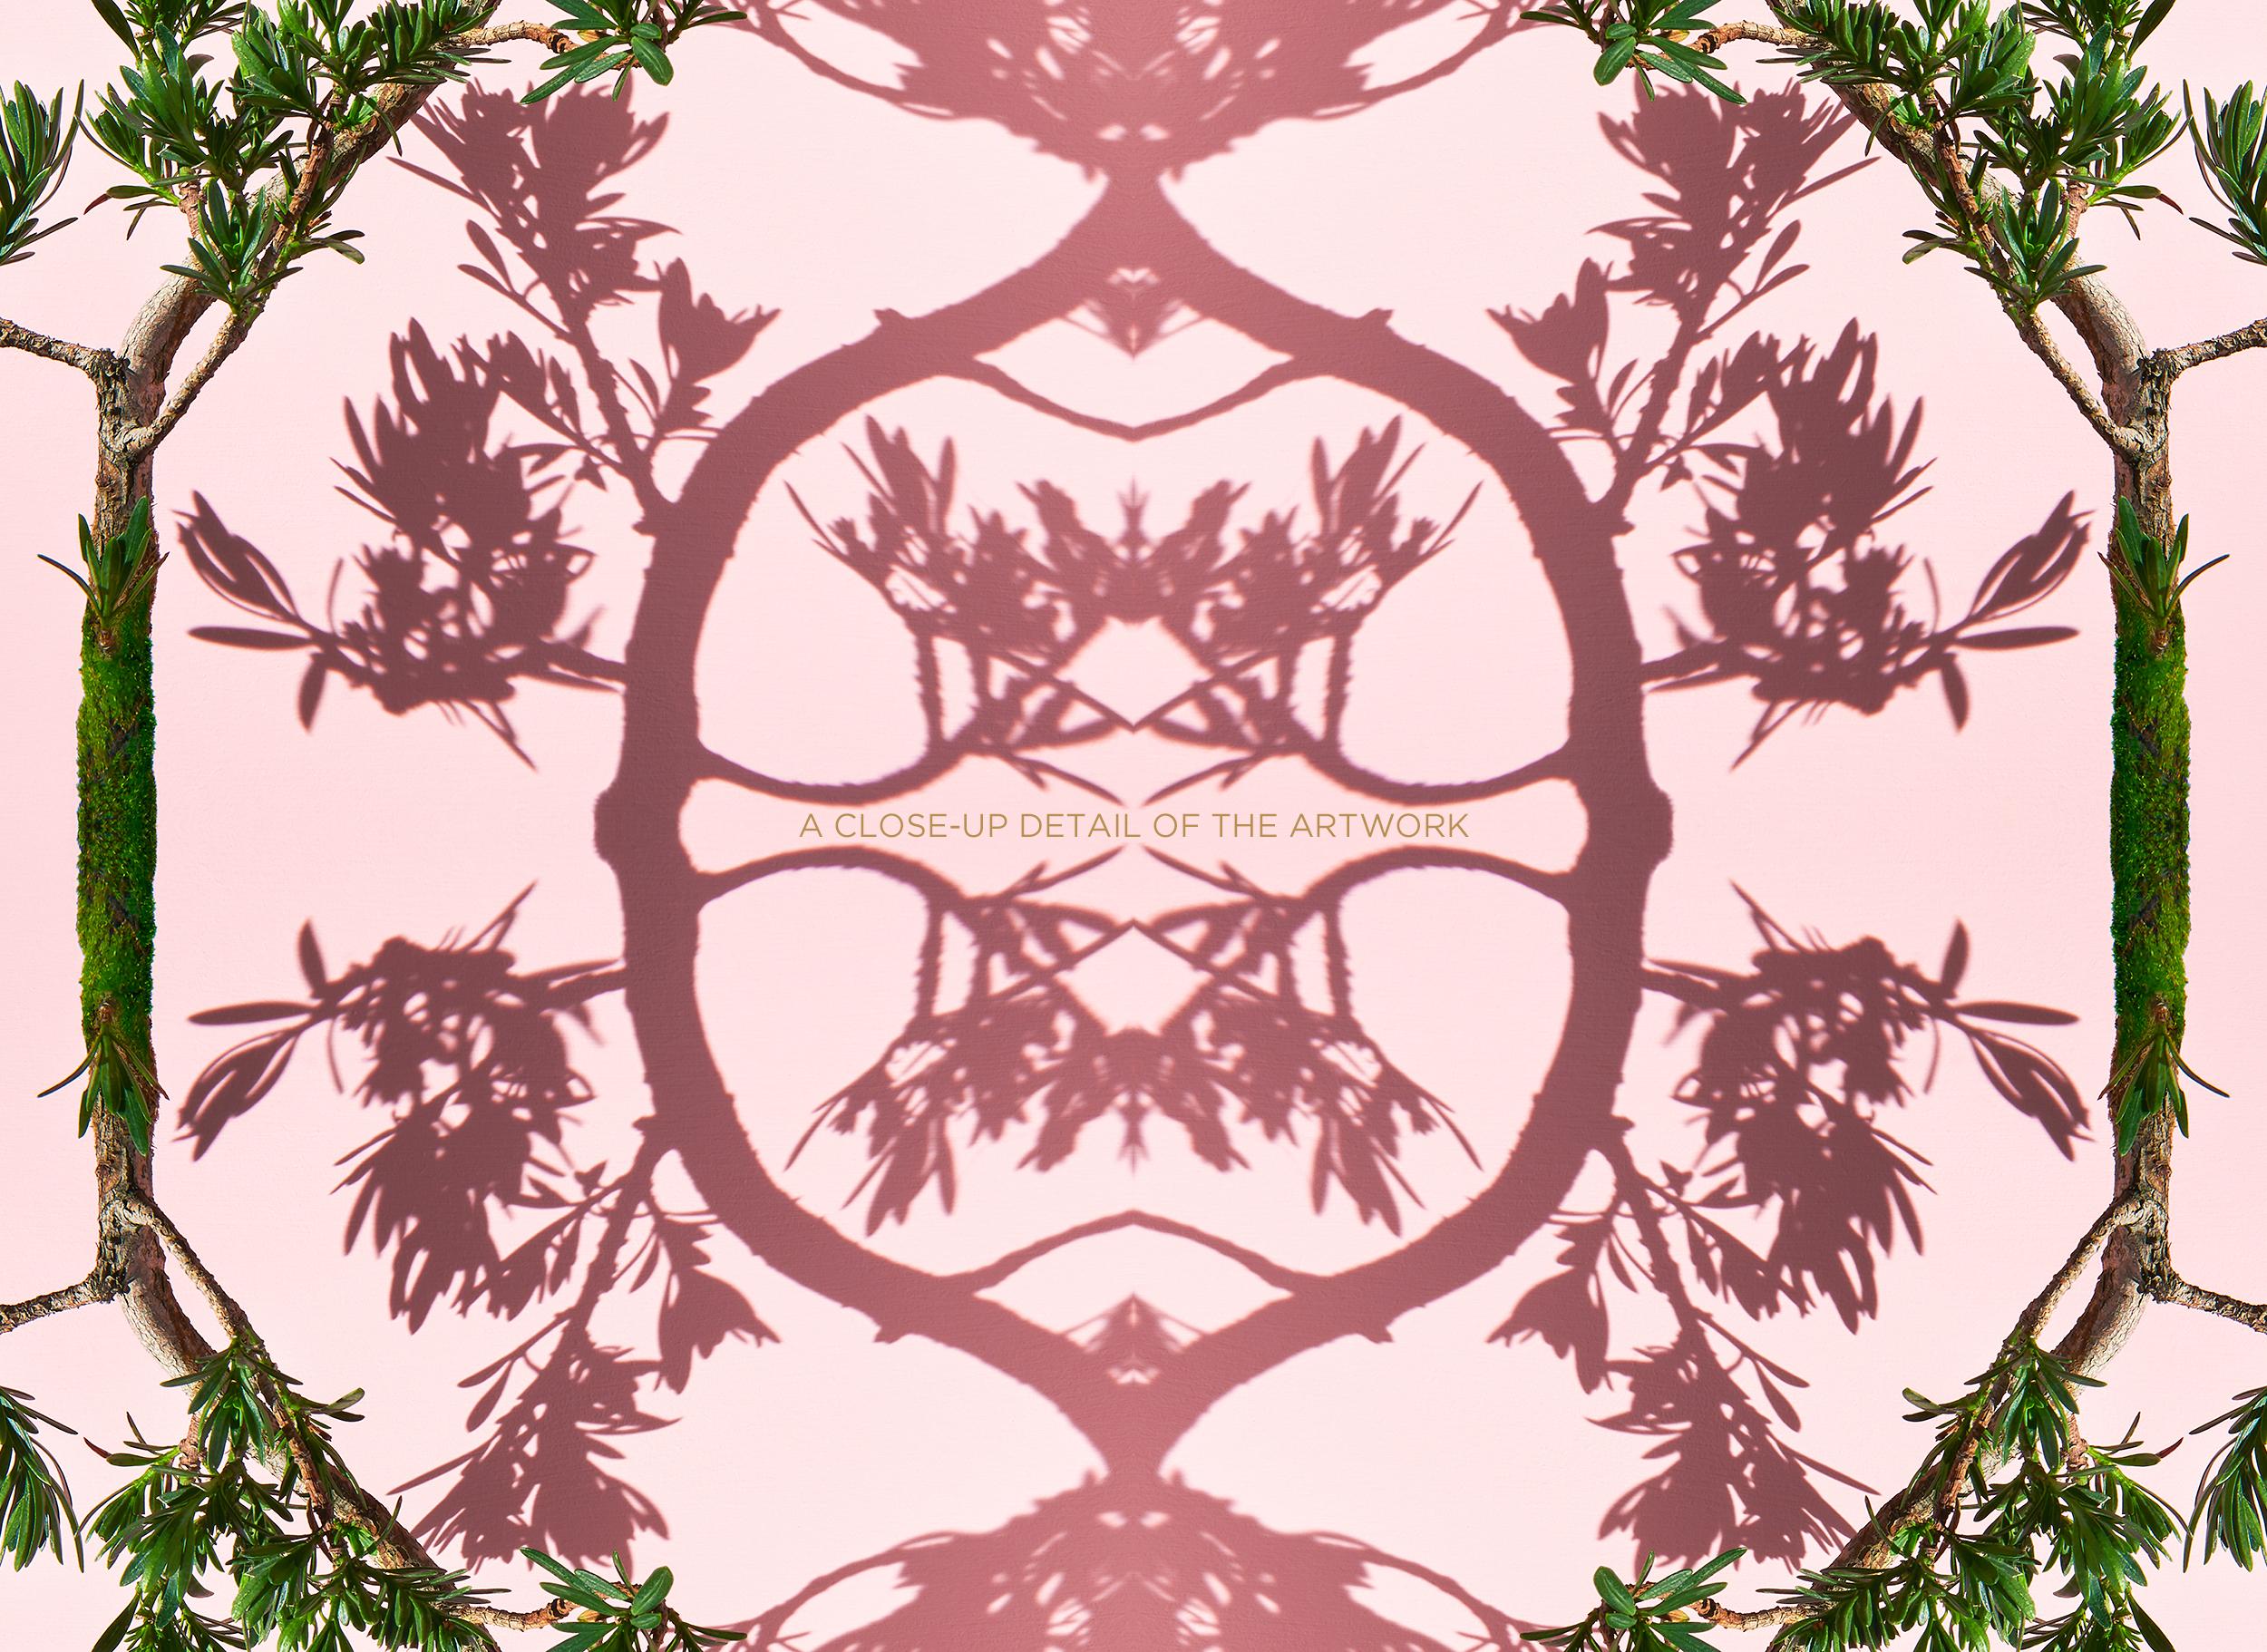 """<a href=""""https://mrsteel.london/shop/bonsai-on-pink-ii/"""">REVEAL DETAILS / BUY</a>"""